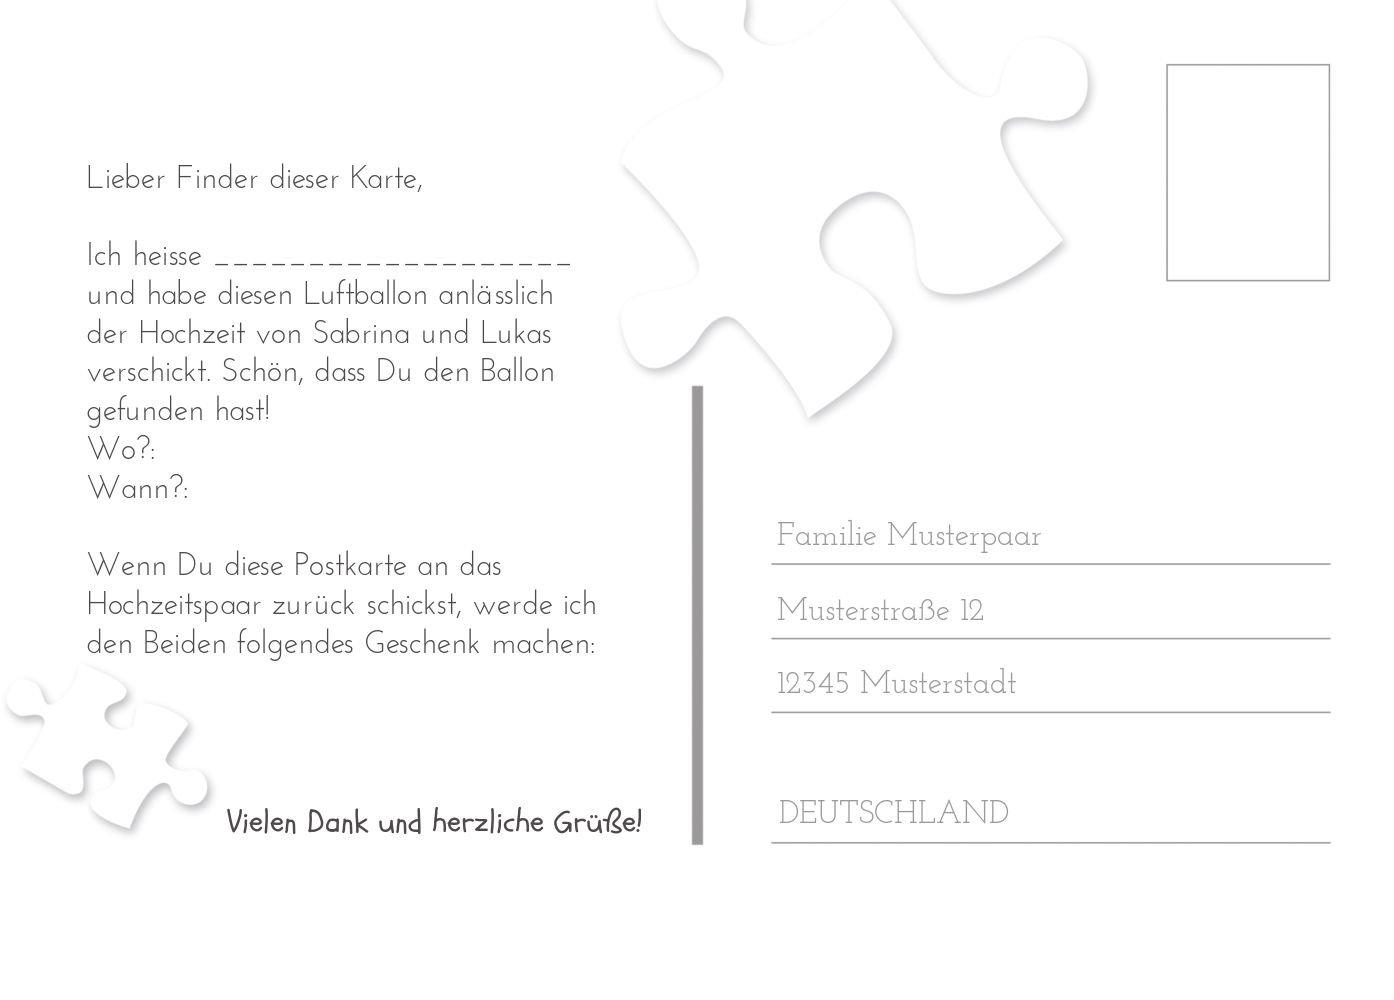 Karten-paradies Karten-paradies Karten-paradies Ballonkarte Puzzleteile, 90 Karten, KräftigHellMarineblau B07CQC5LTH | Räumungsverkauf  | Die Farbe ist sehr auffällig  | Treten Sie ein in die Welt der Spielzeuge und finden Sie eine Quelle des Glücks  315812